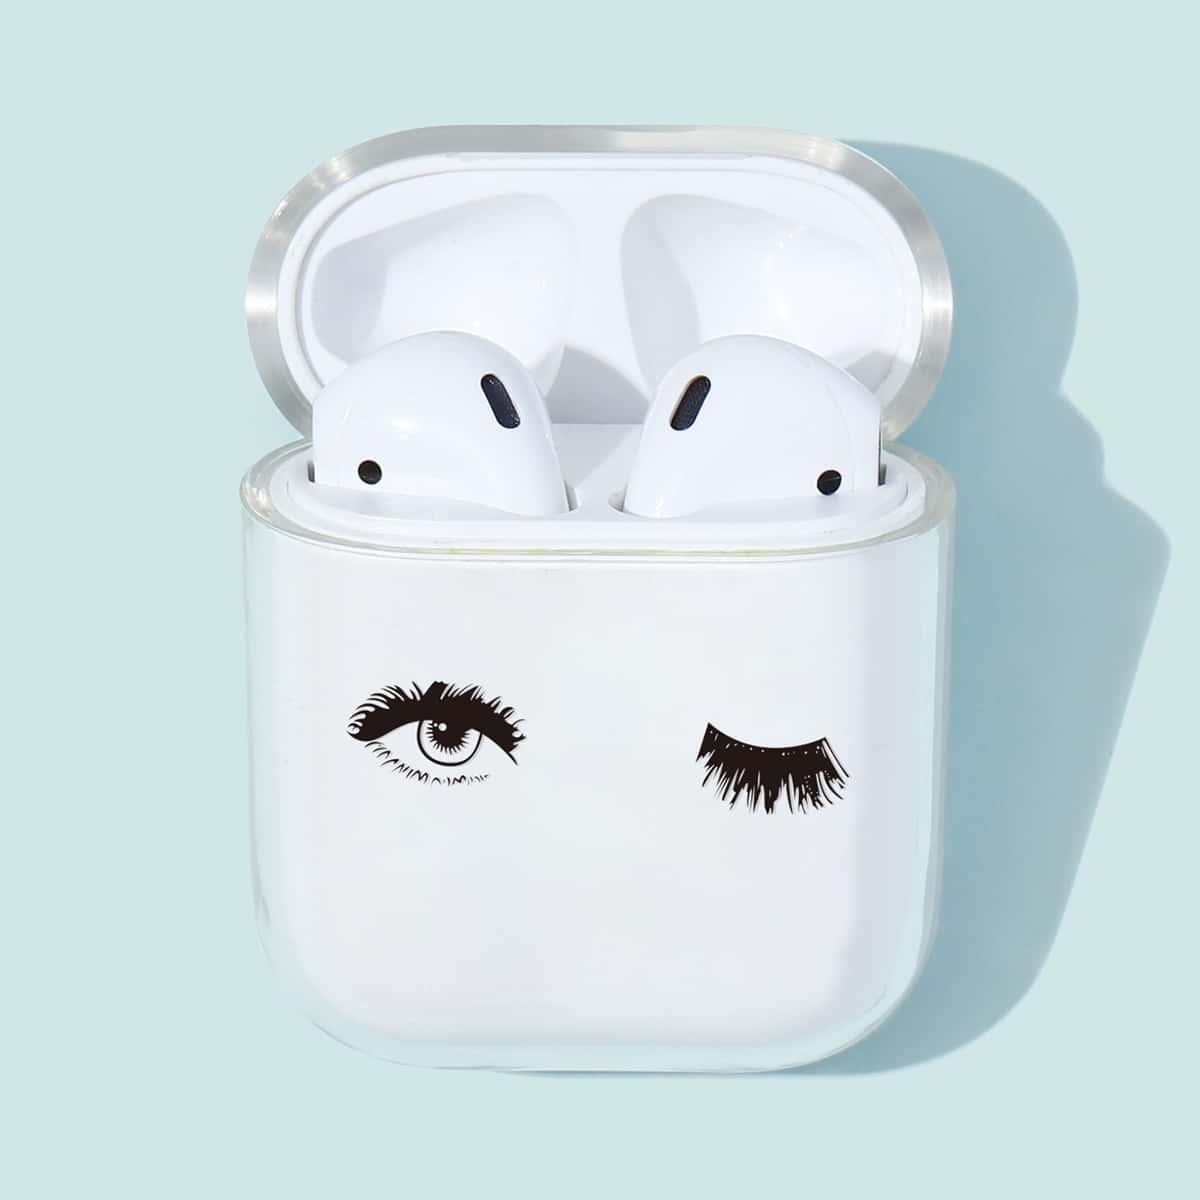 SHEIN / 1 Stück Transparente Airpods Hülle mit Augen Muster